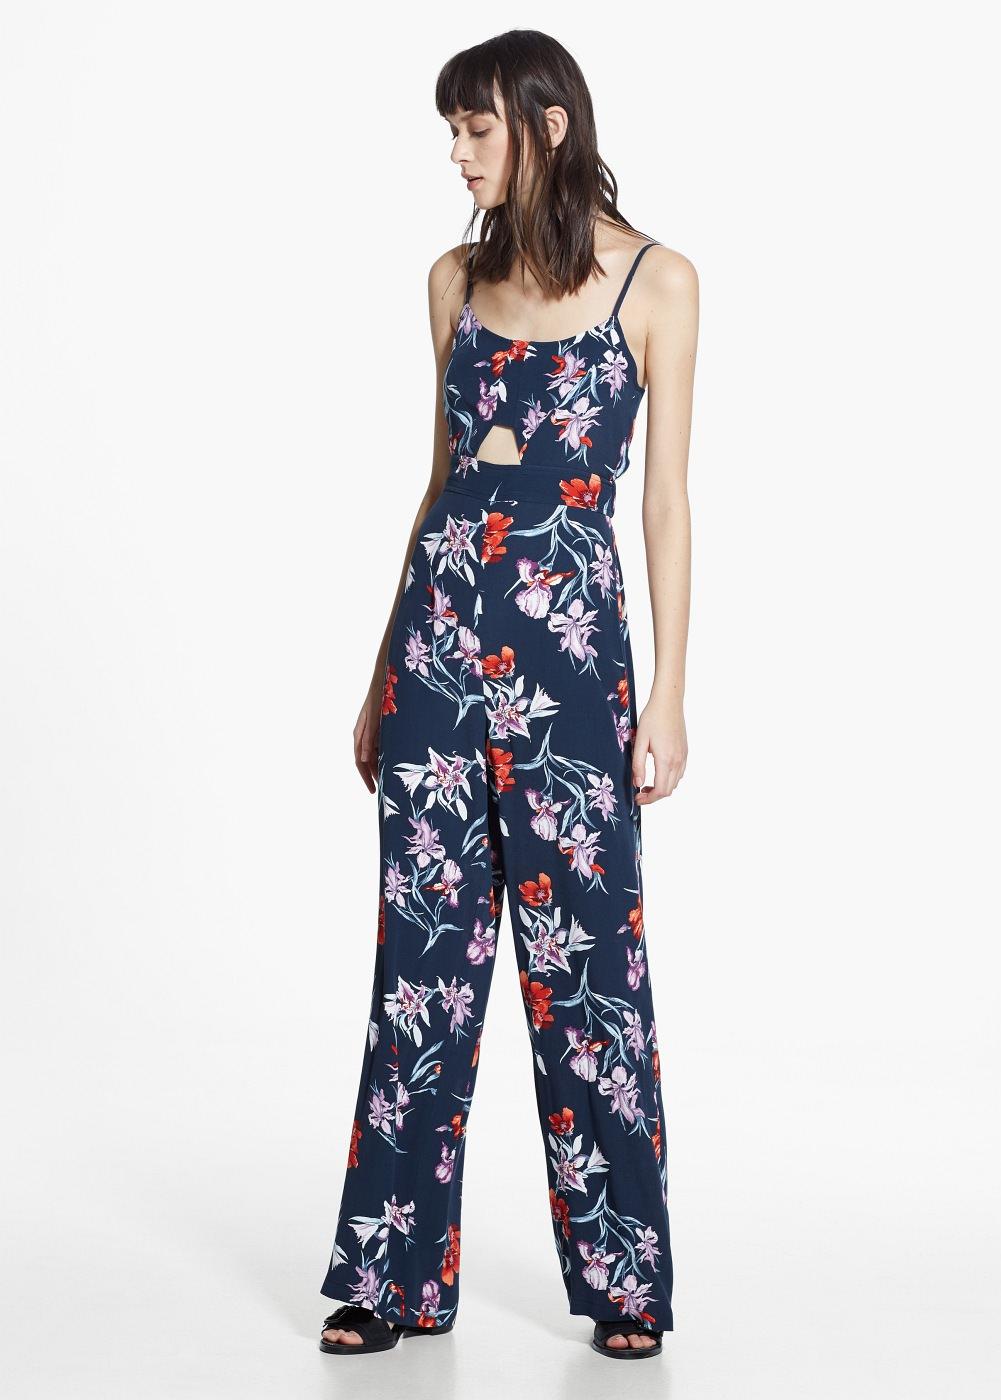 Floral long jumpsuit,  $99.99